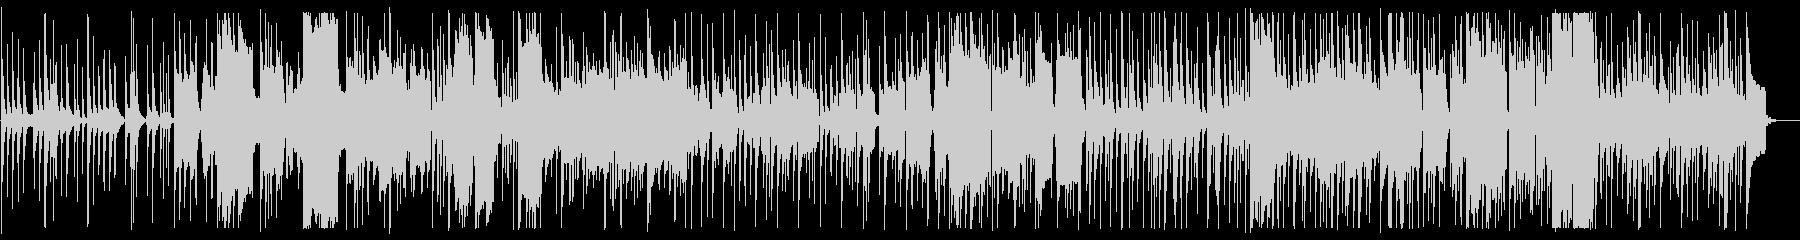 美しく幻想的な弦管楽器シンセサウンドの未再生の波形